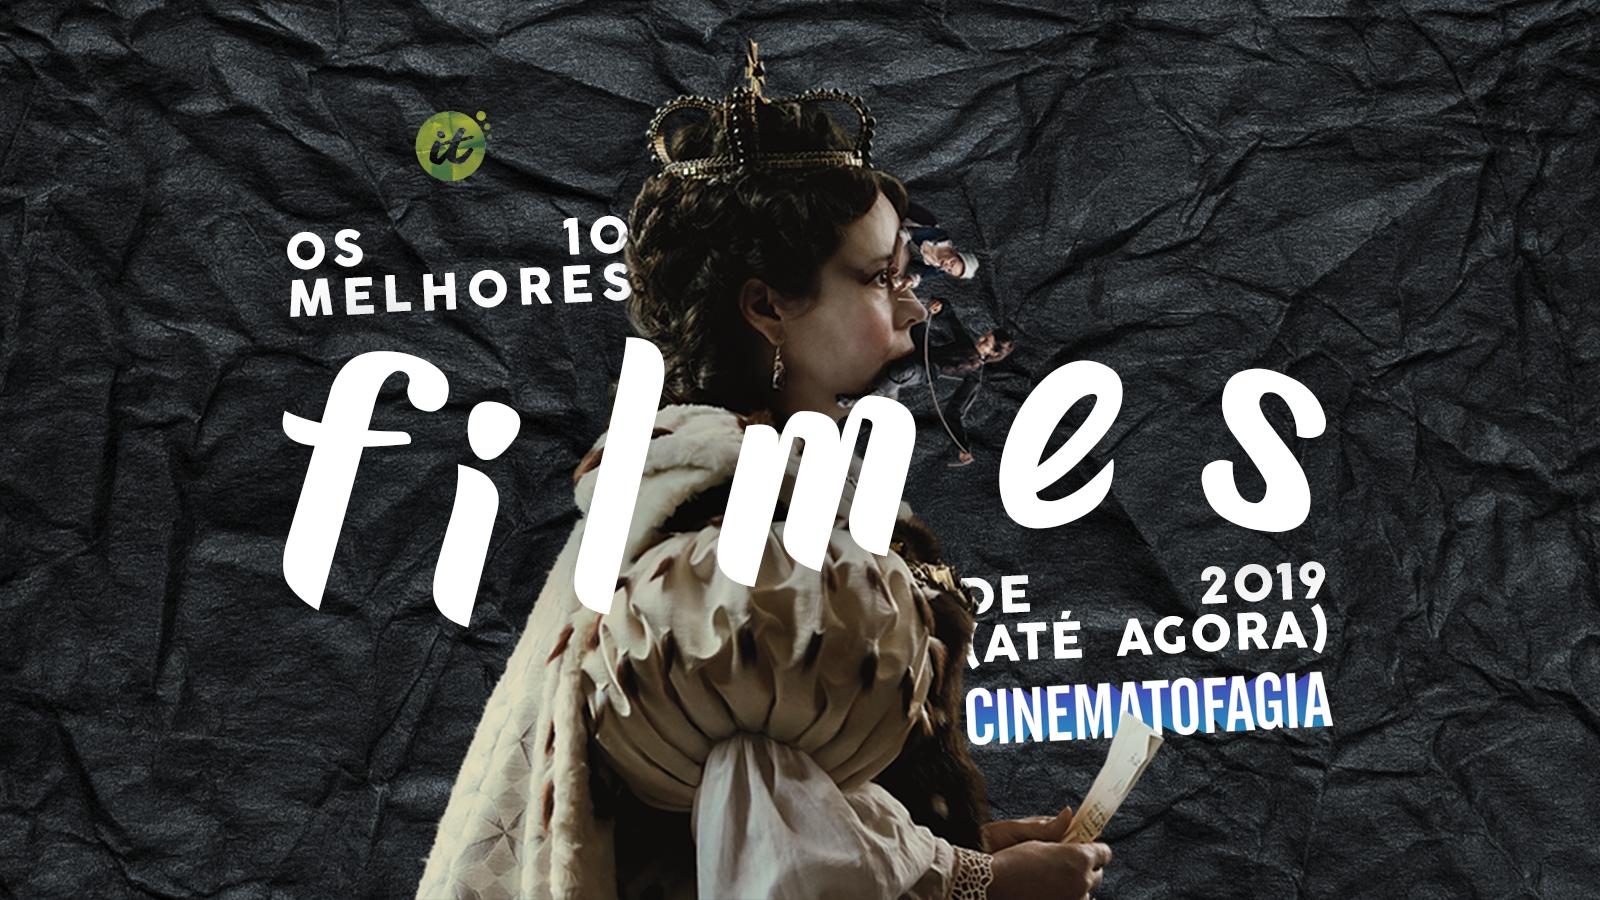 """""""A Favorita"""", """"Suspiria"""", """"Cafarnaum"""" e o que rolou de mais incrível no Cinema na primeira metade de 2019"""